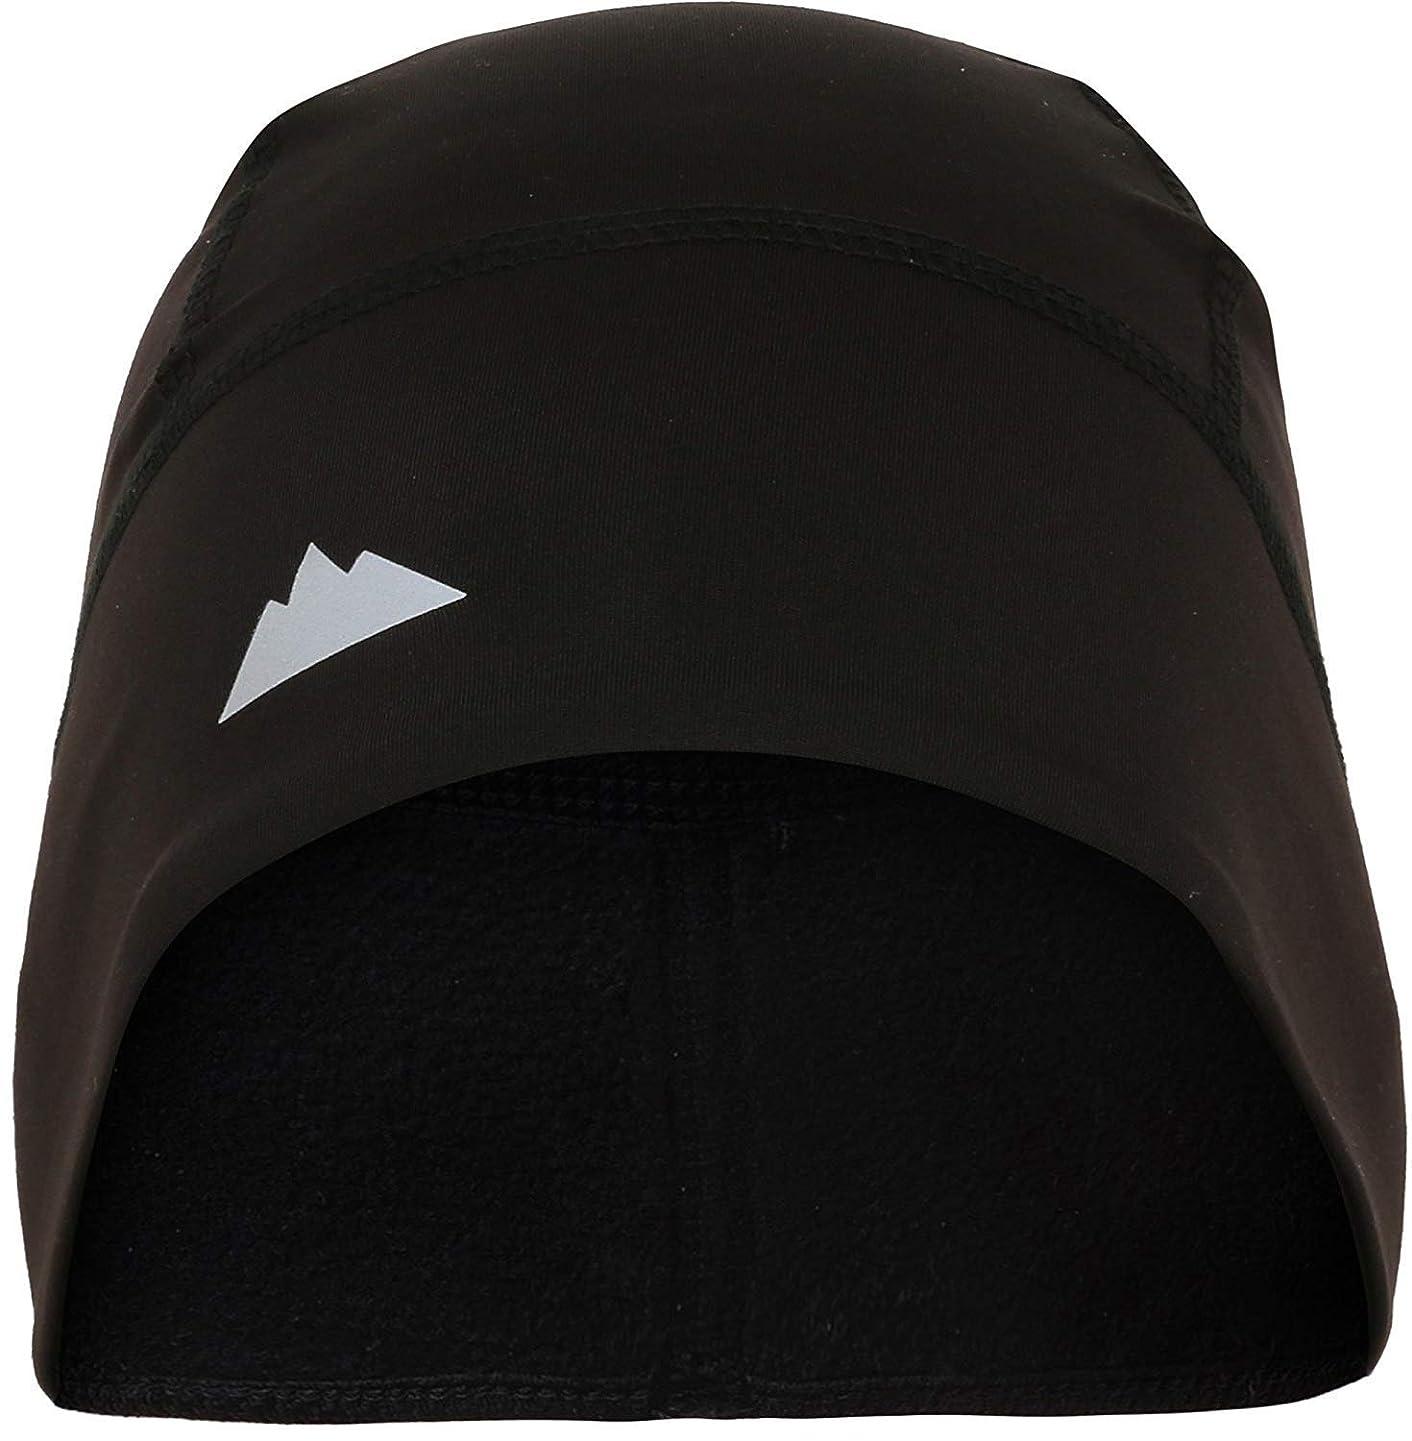 Skull Cap/Helmet Liner/Running Beanie Thermal Hat - Fits under Helmets